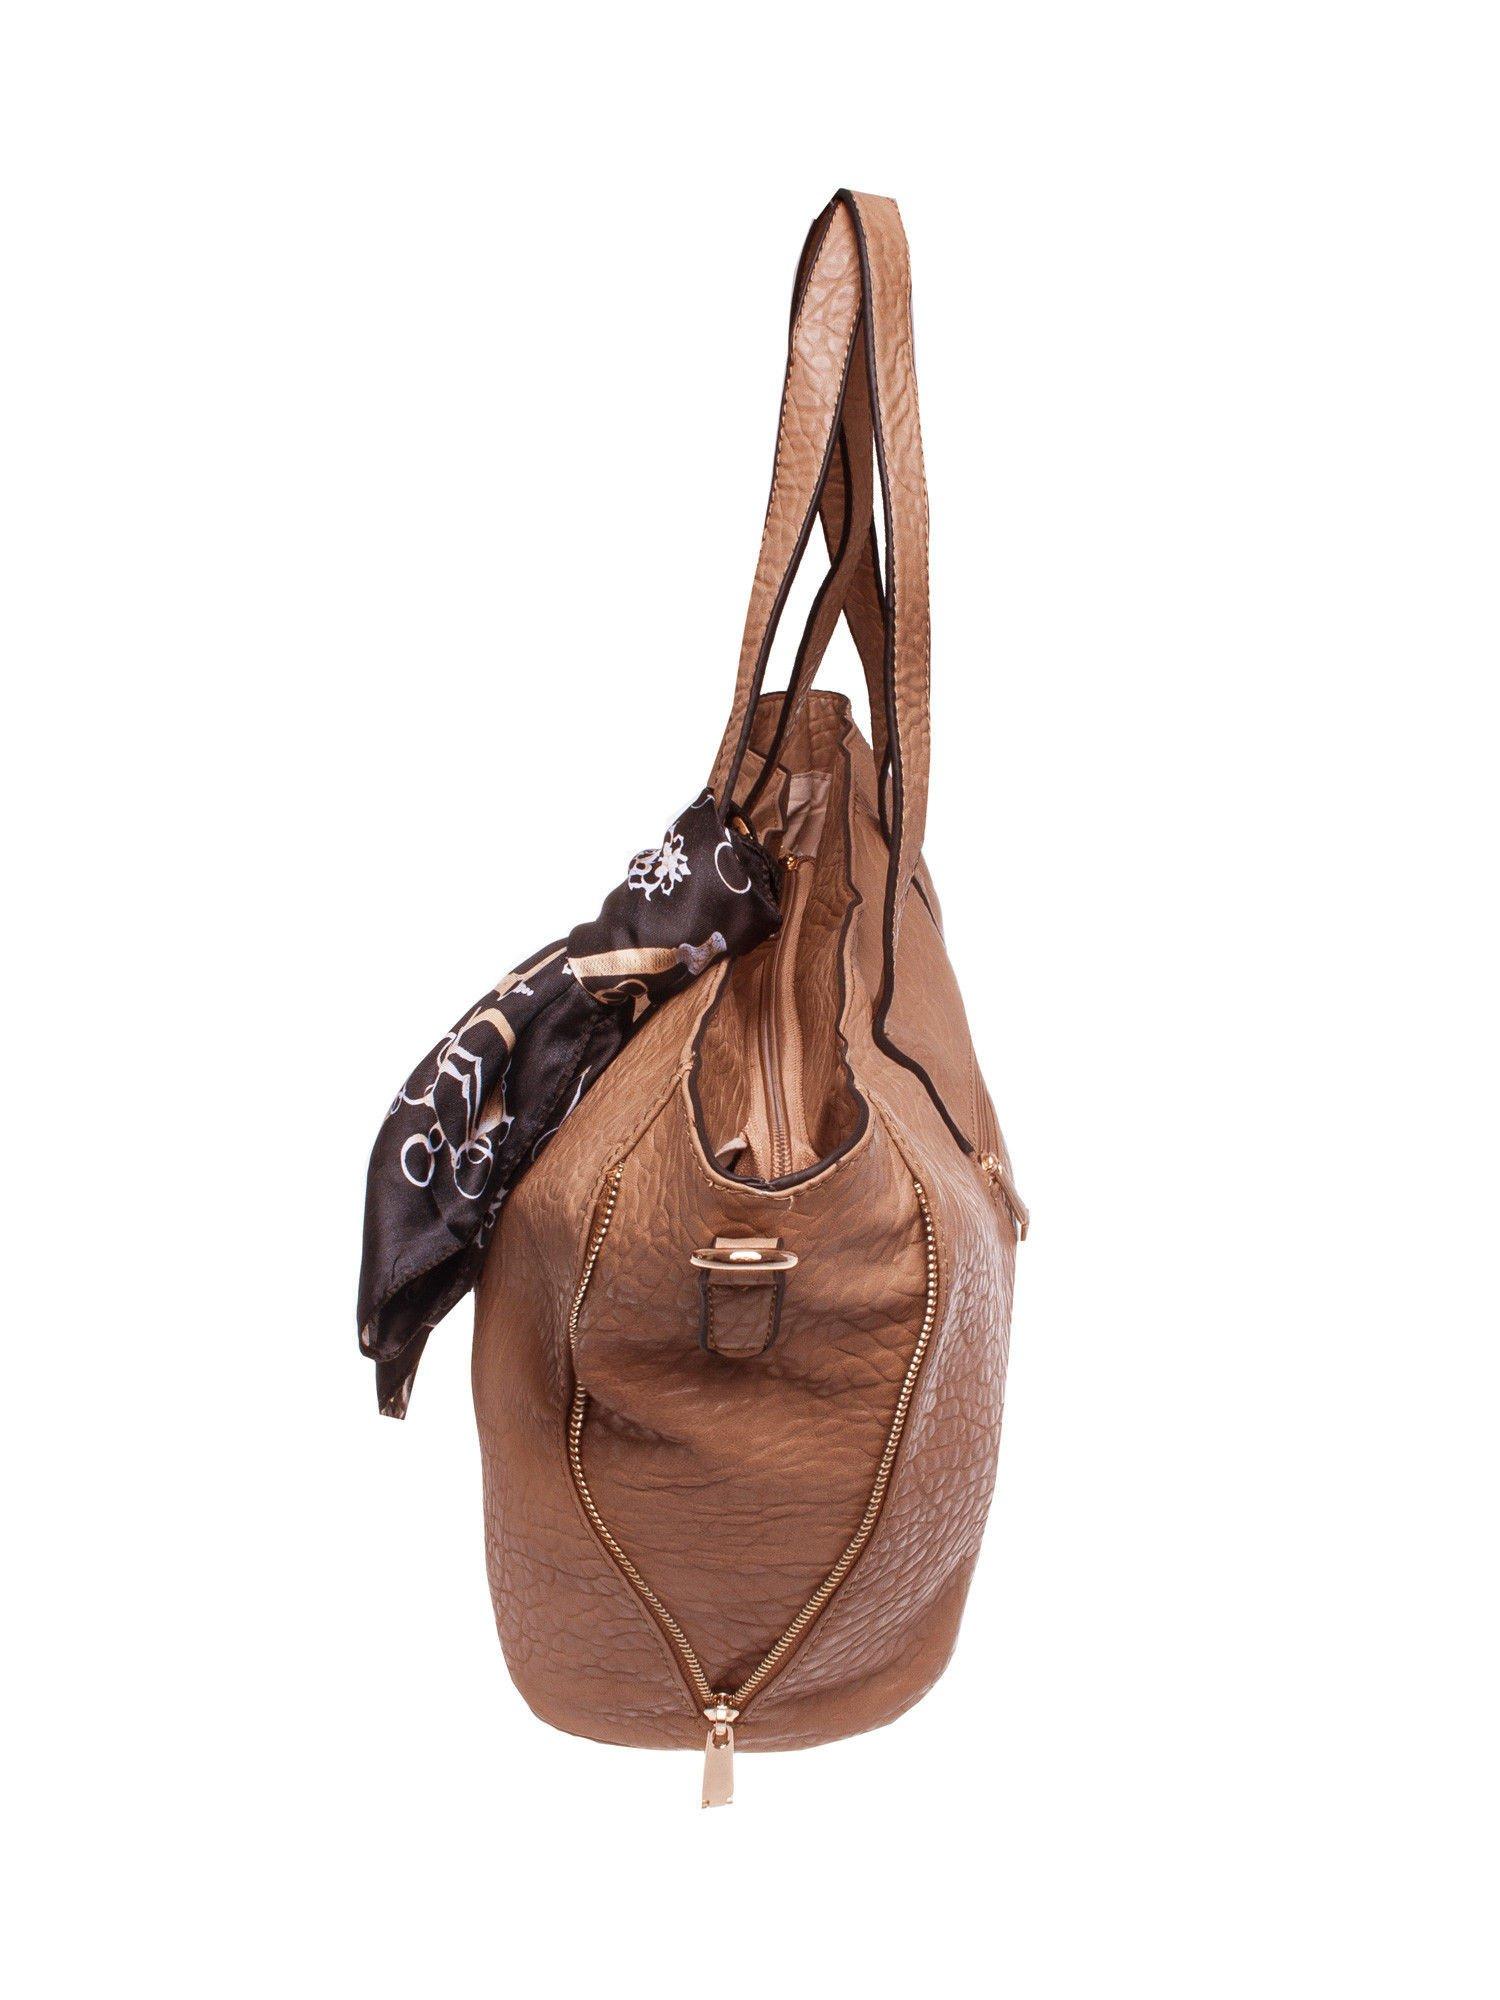 Brązowa torebka shopper bag z apaszką                                  zdj.                                  3